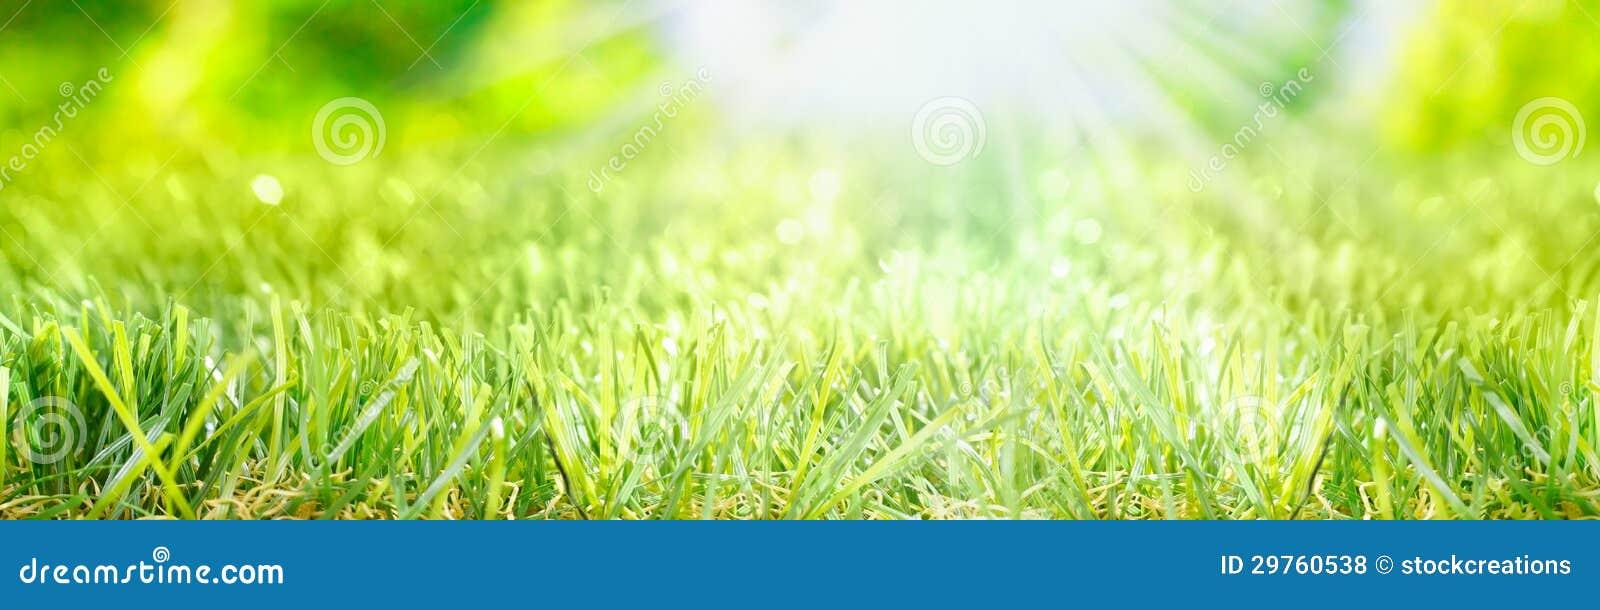 De banner van de lente